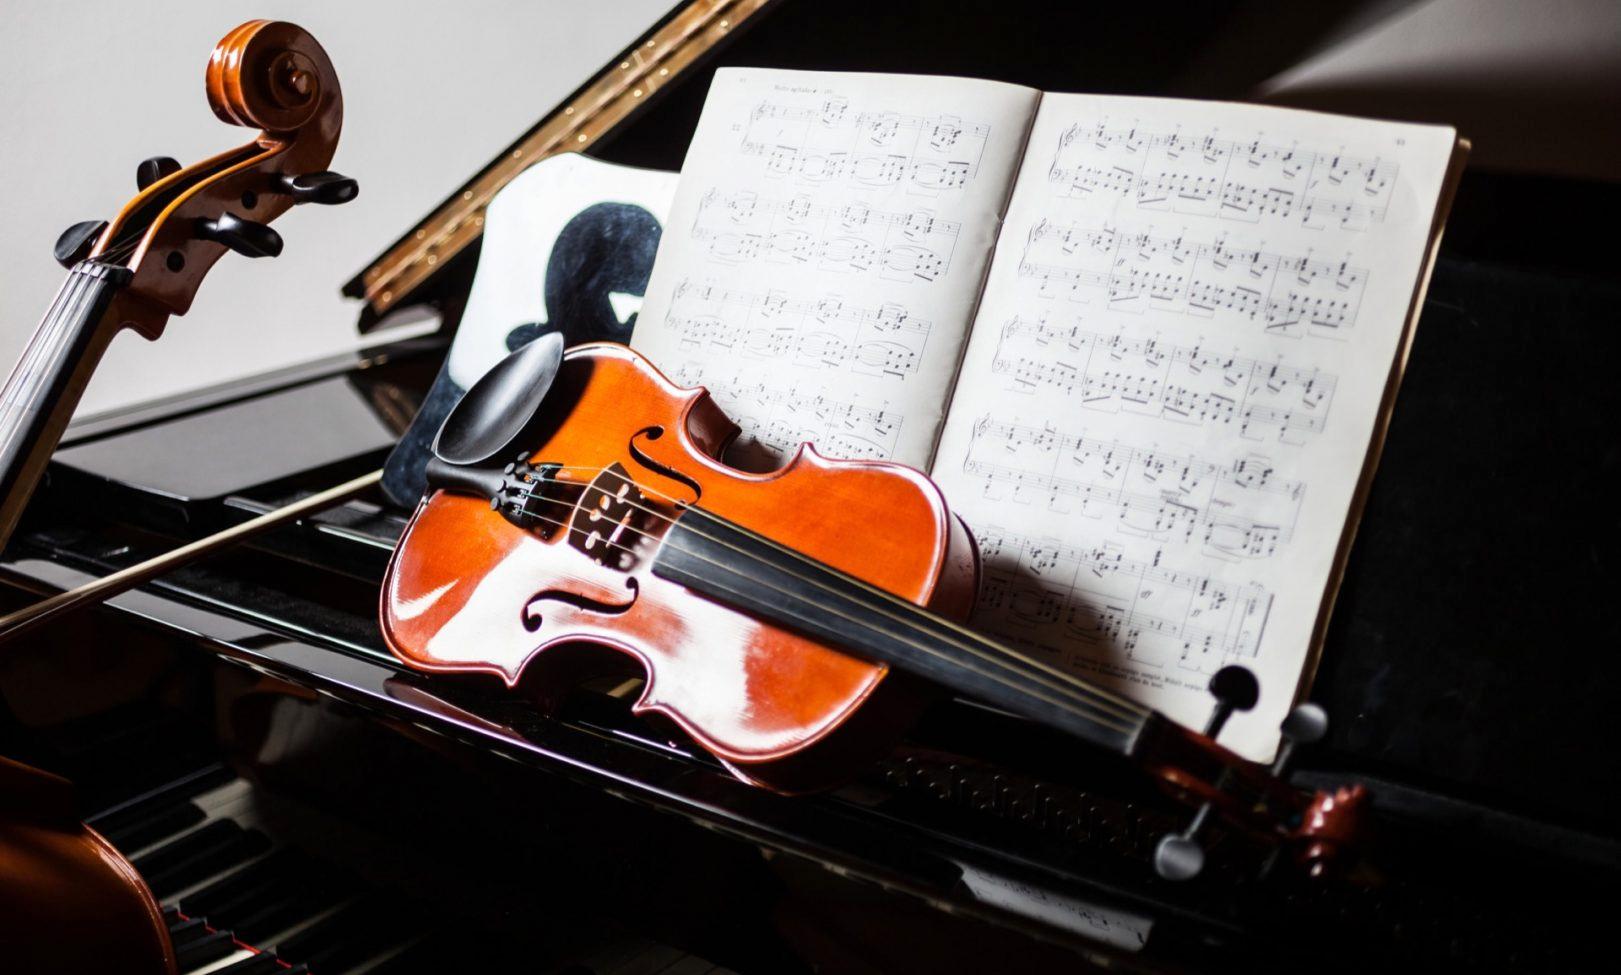 De ce trebuie să ascultăm muzică mai des. Iată cele 10 beneficii